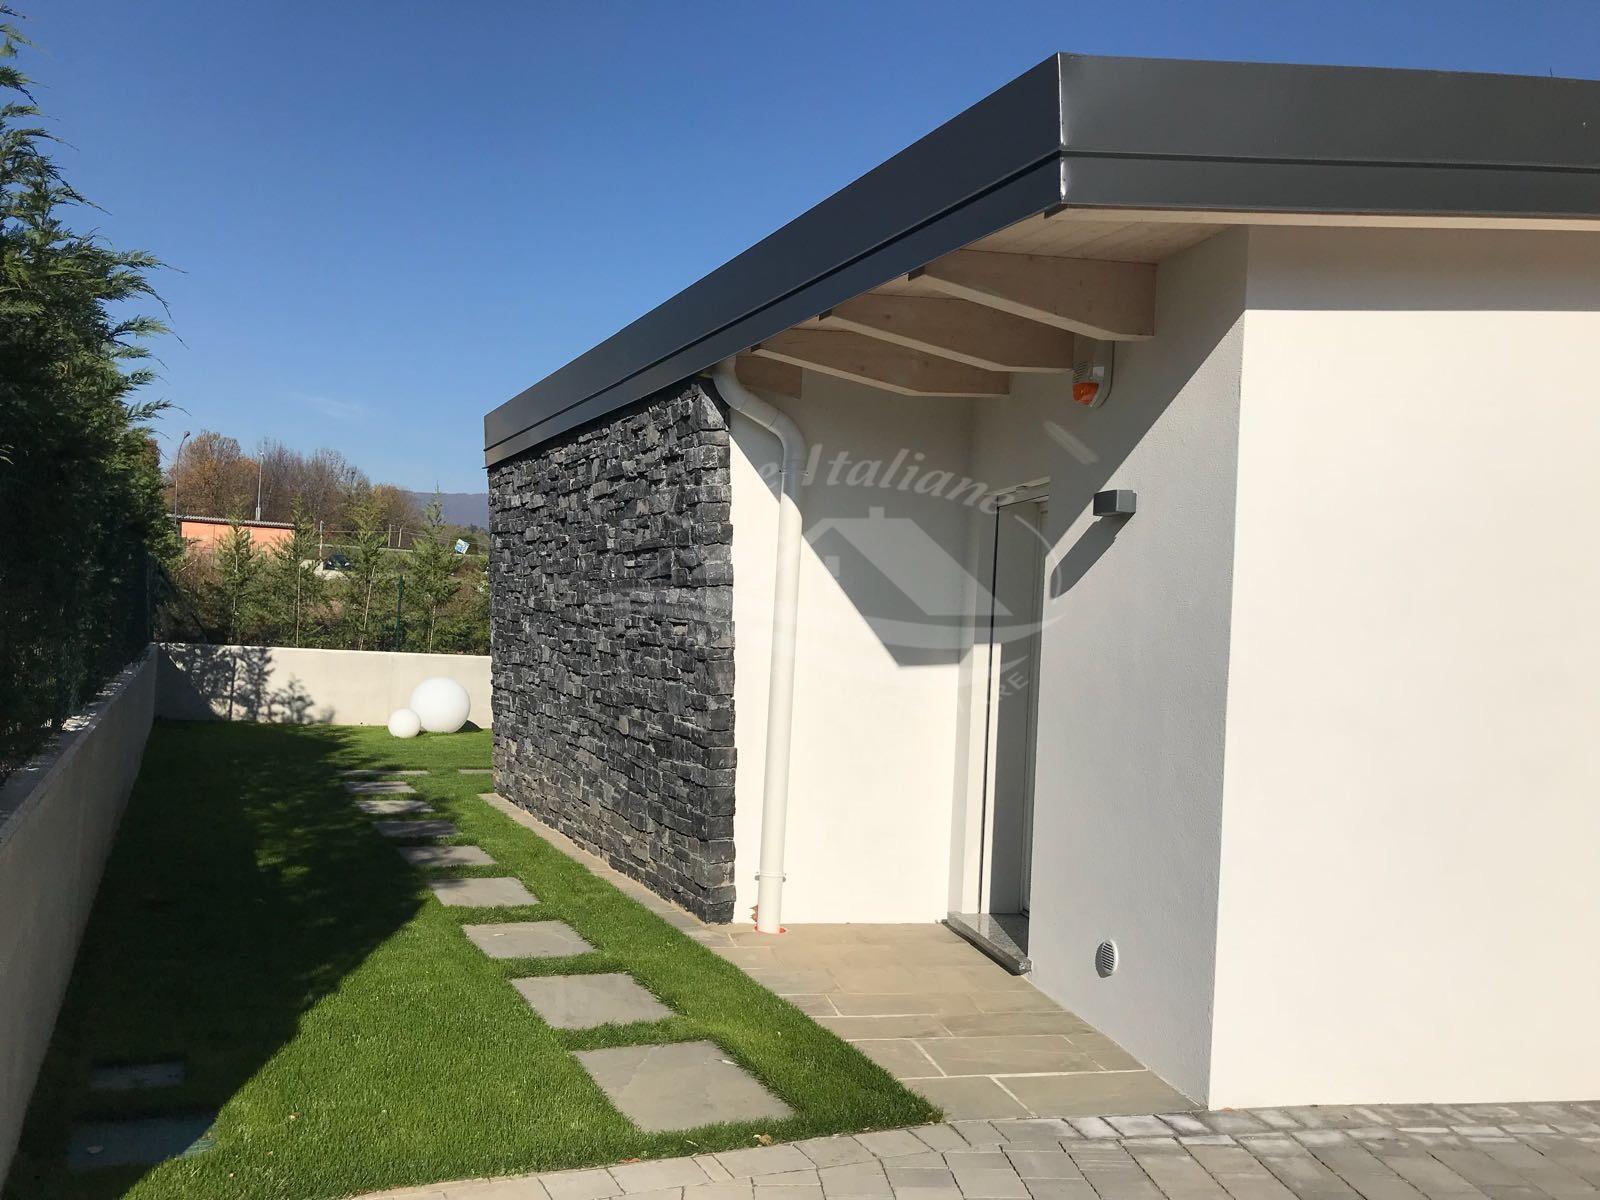 Img 4081 case italiane agenzia immobiliare cant for Case italiane immobiliare